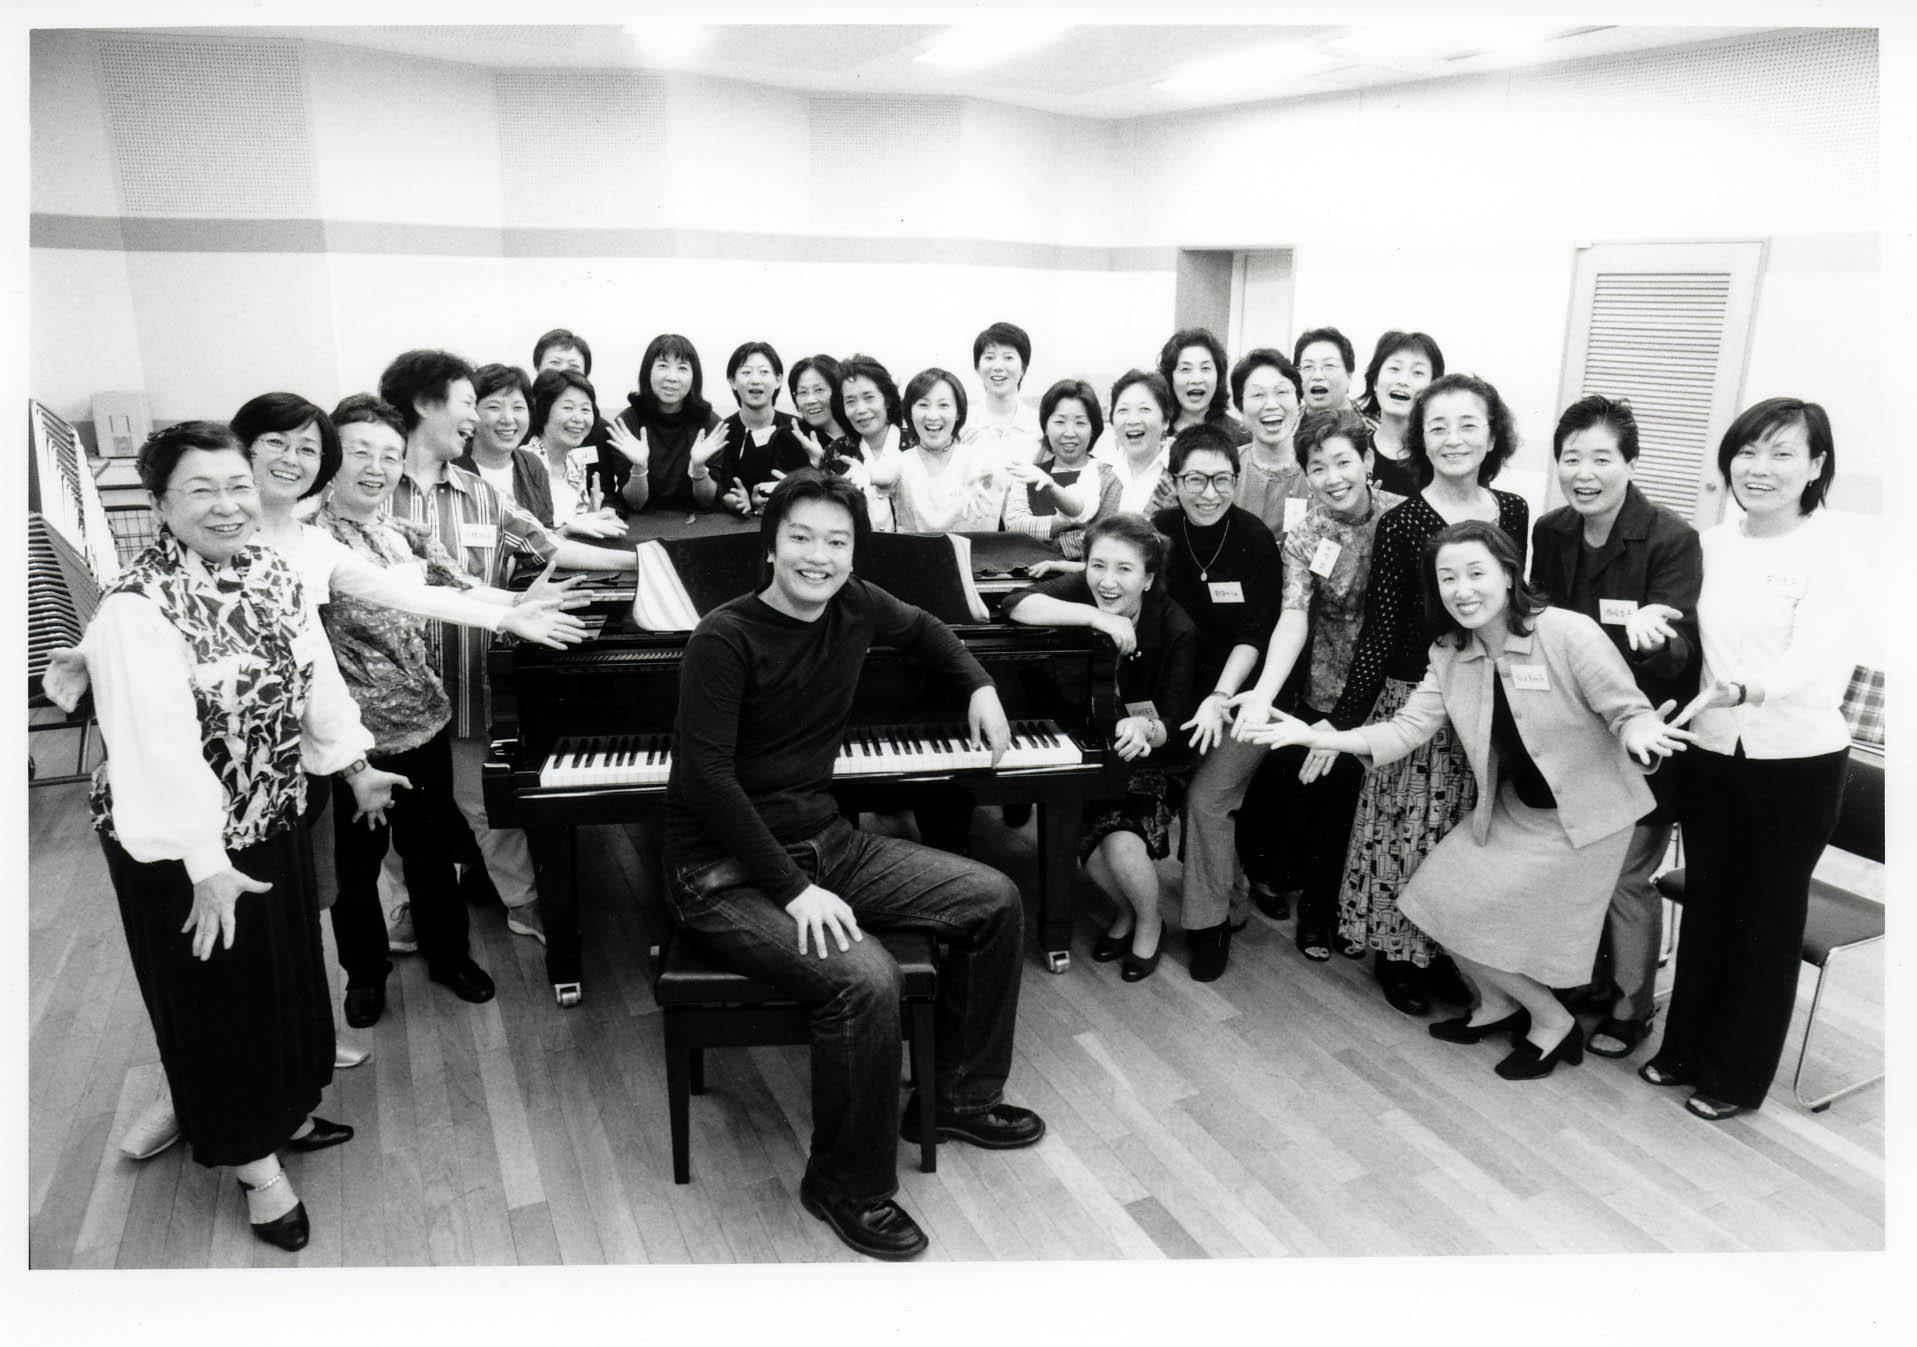 神楽坂女声合唱団